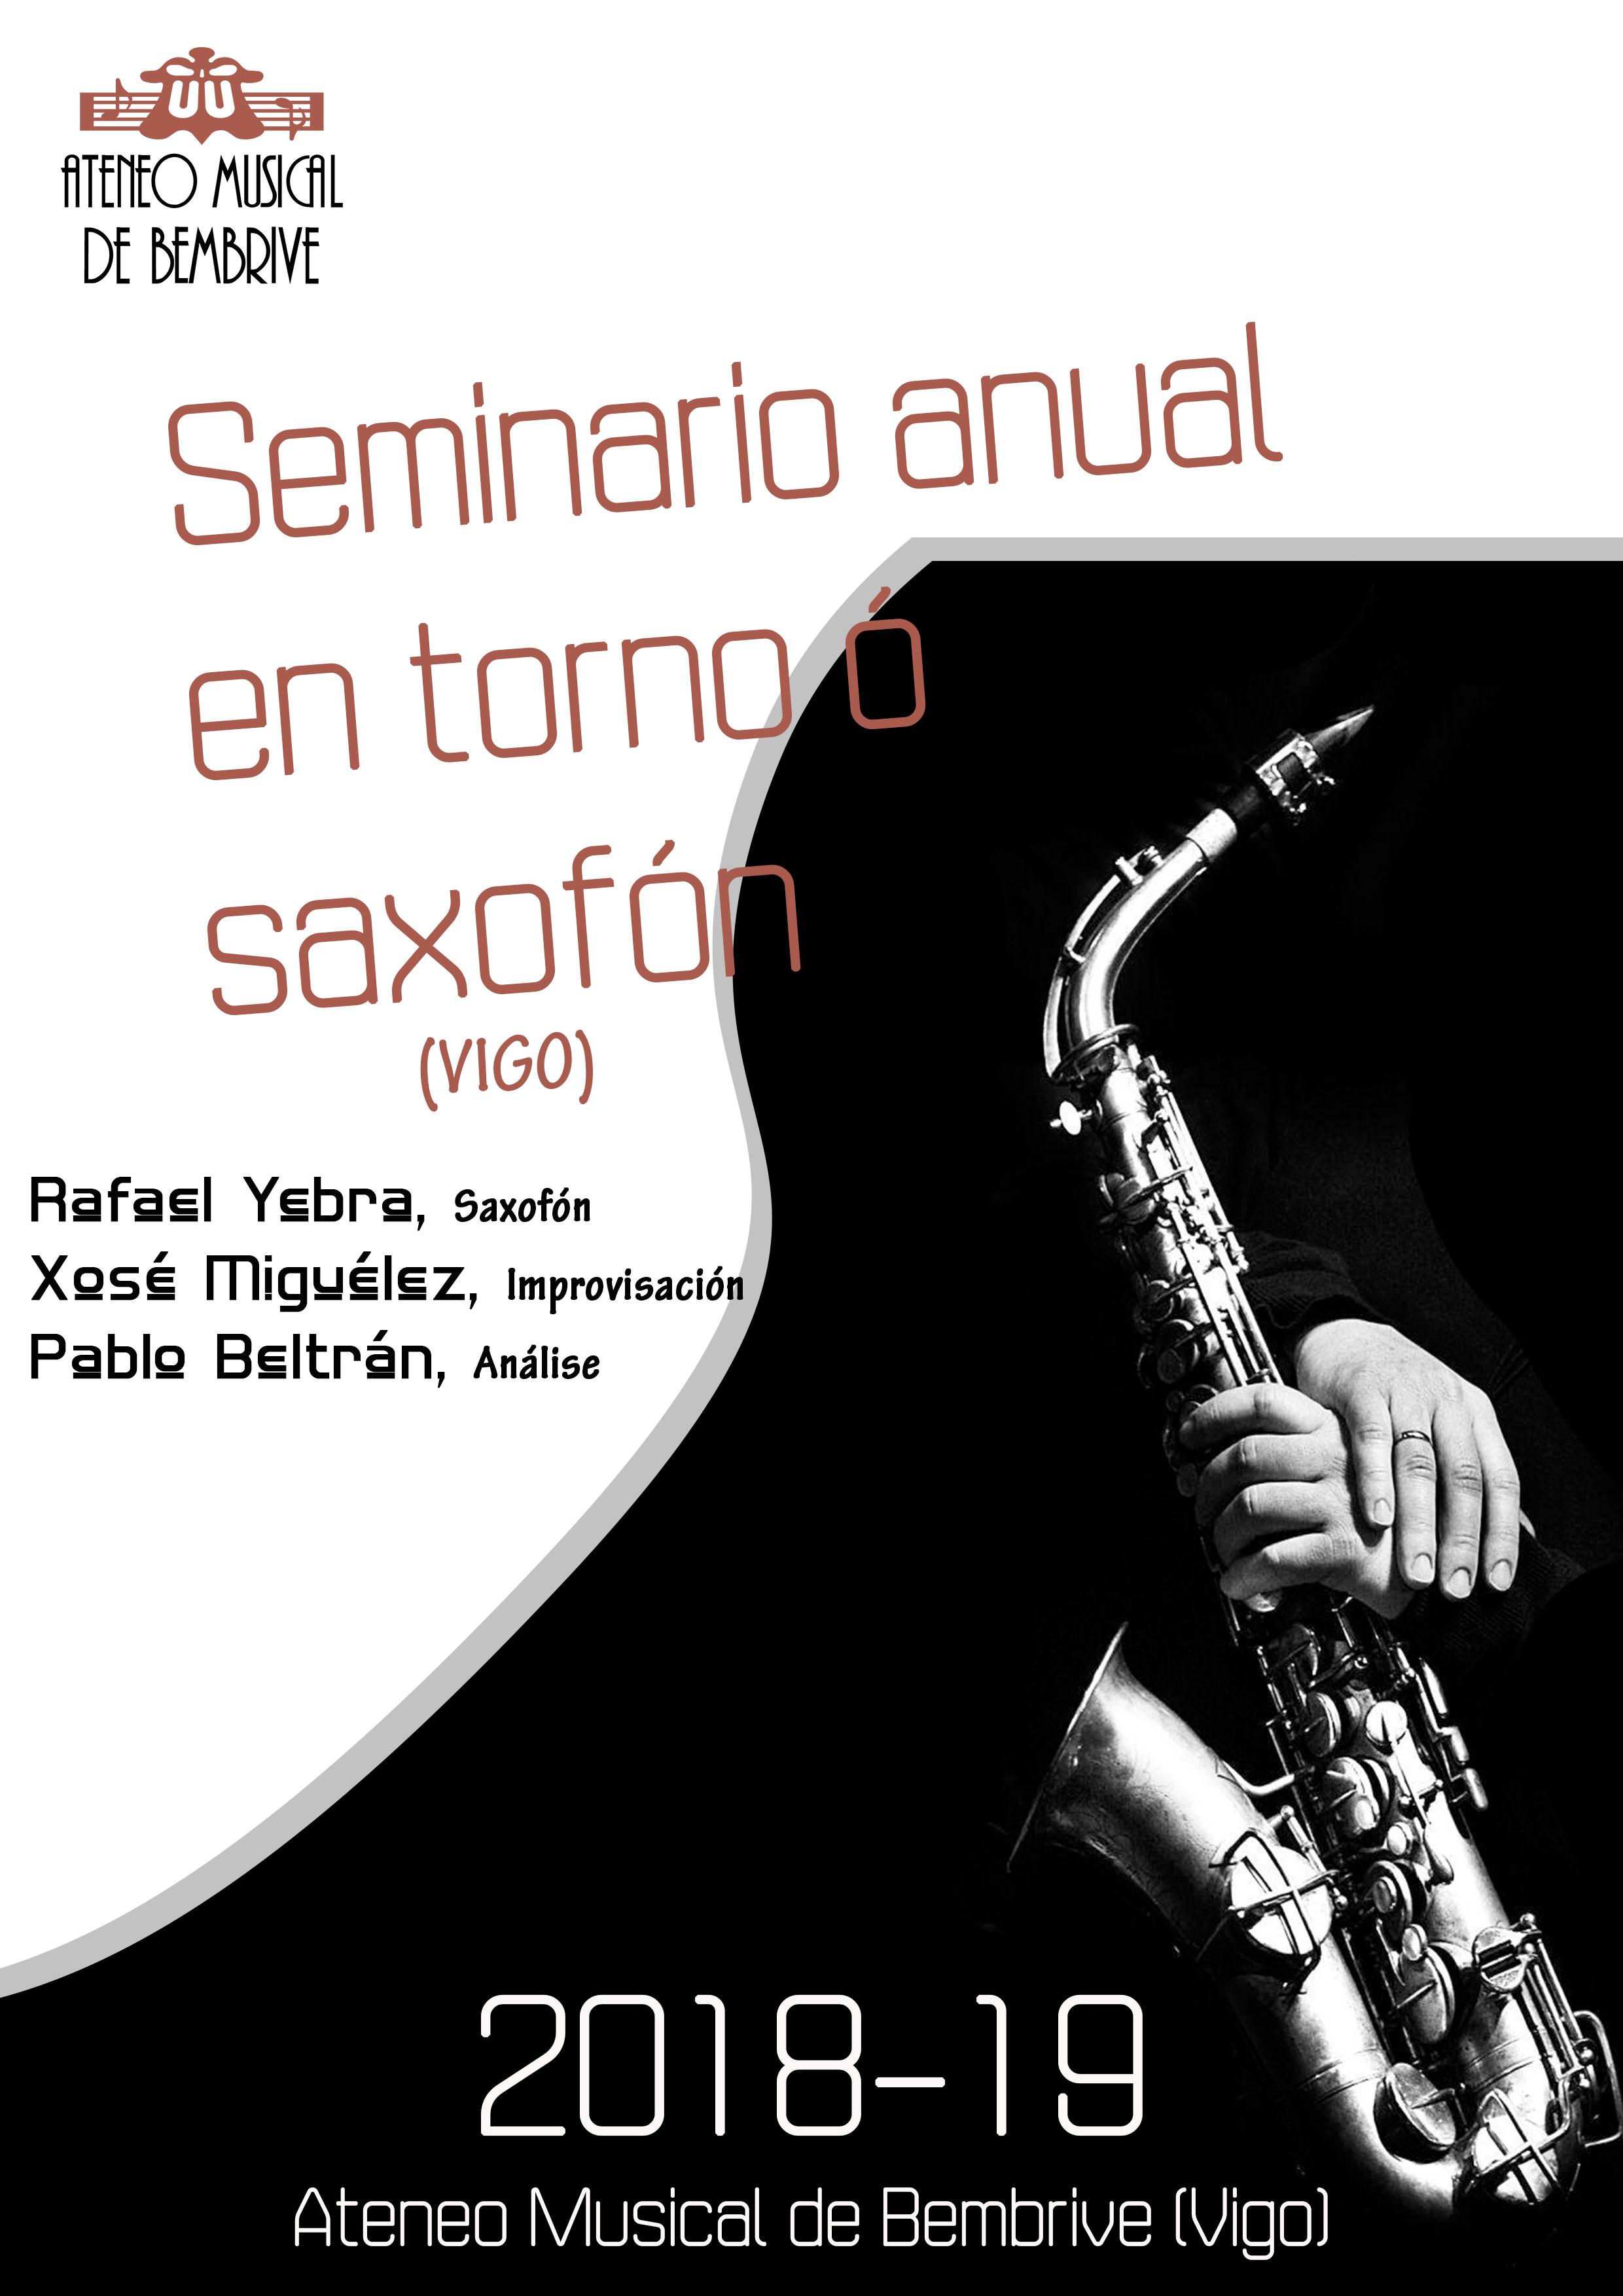 Seminario Anual En Torno Al Saxofón 2018-19 (Vigo)